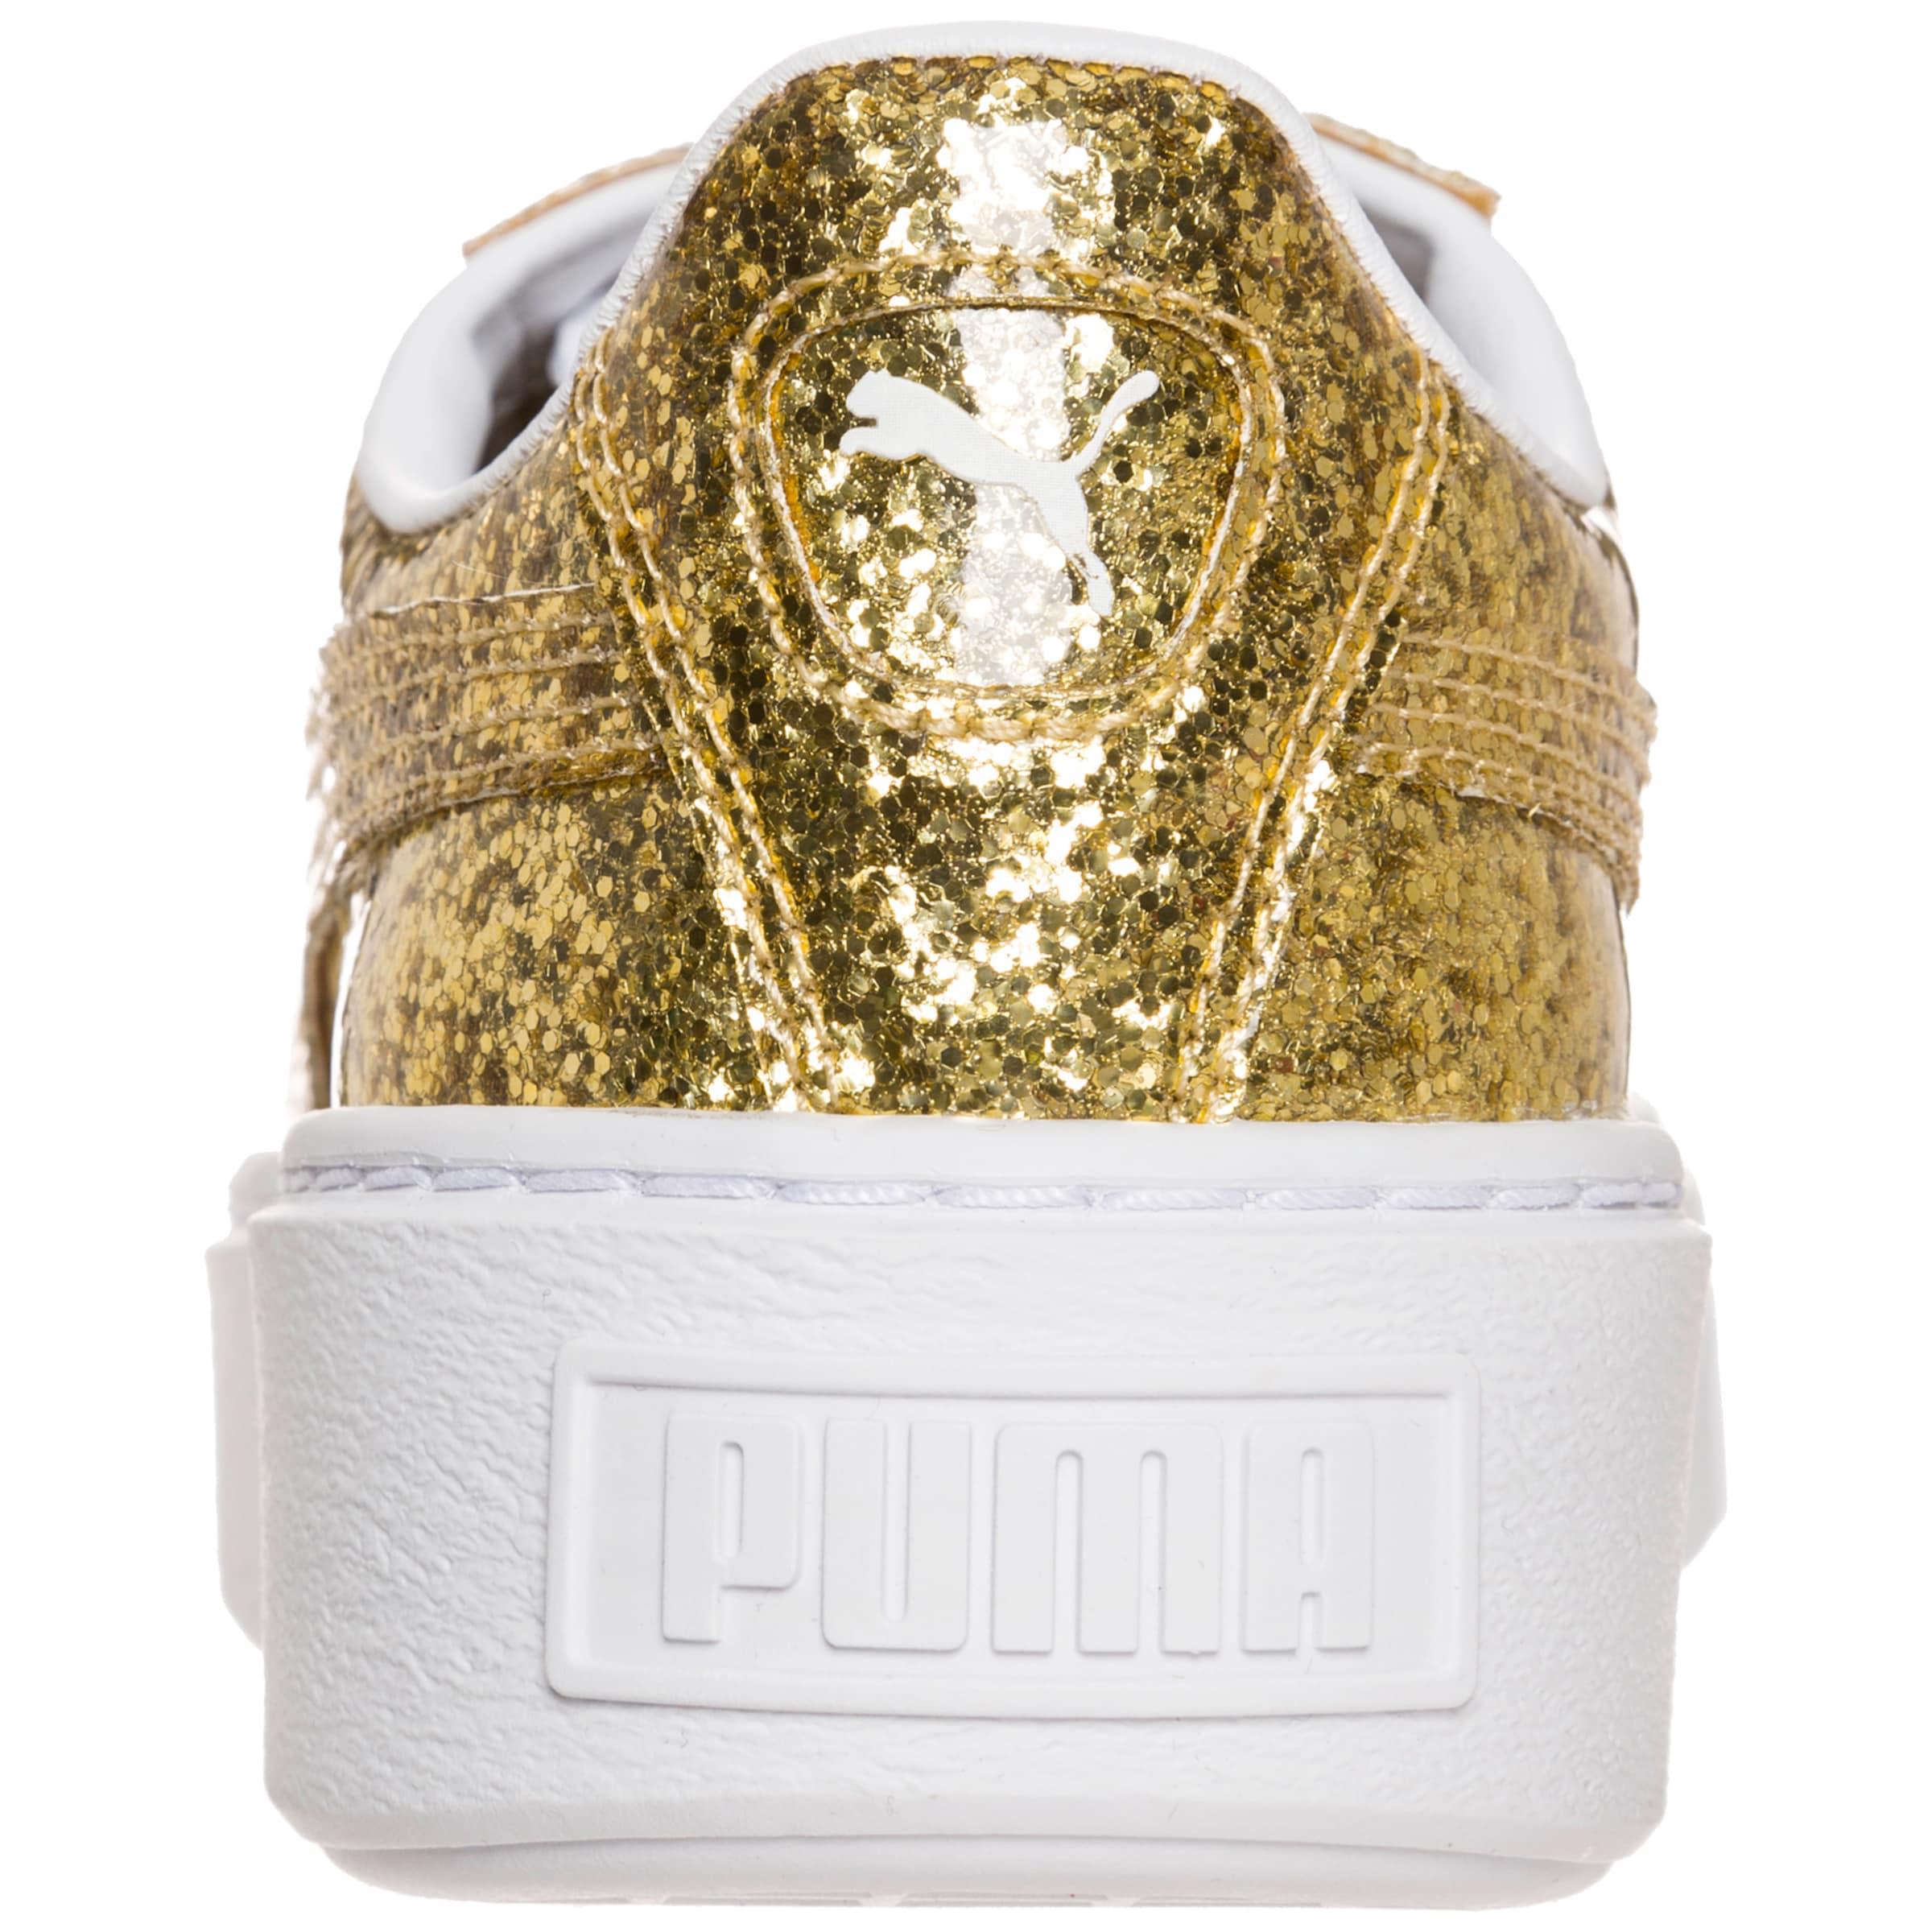 Auslass Viele Arten Von Angebote Online PUMA Basket Platform Sneaker Damen Freies Verschiffen Nagelneues Unisex 100% Authentisch Günstig Online Z7OgniCq